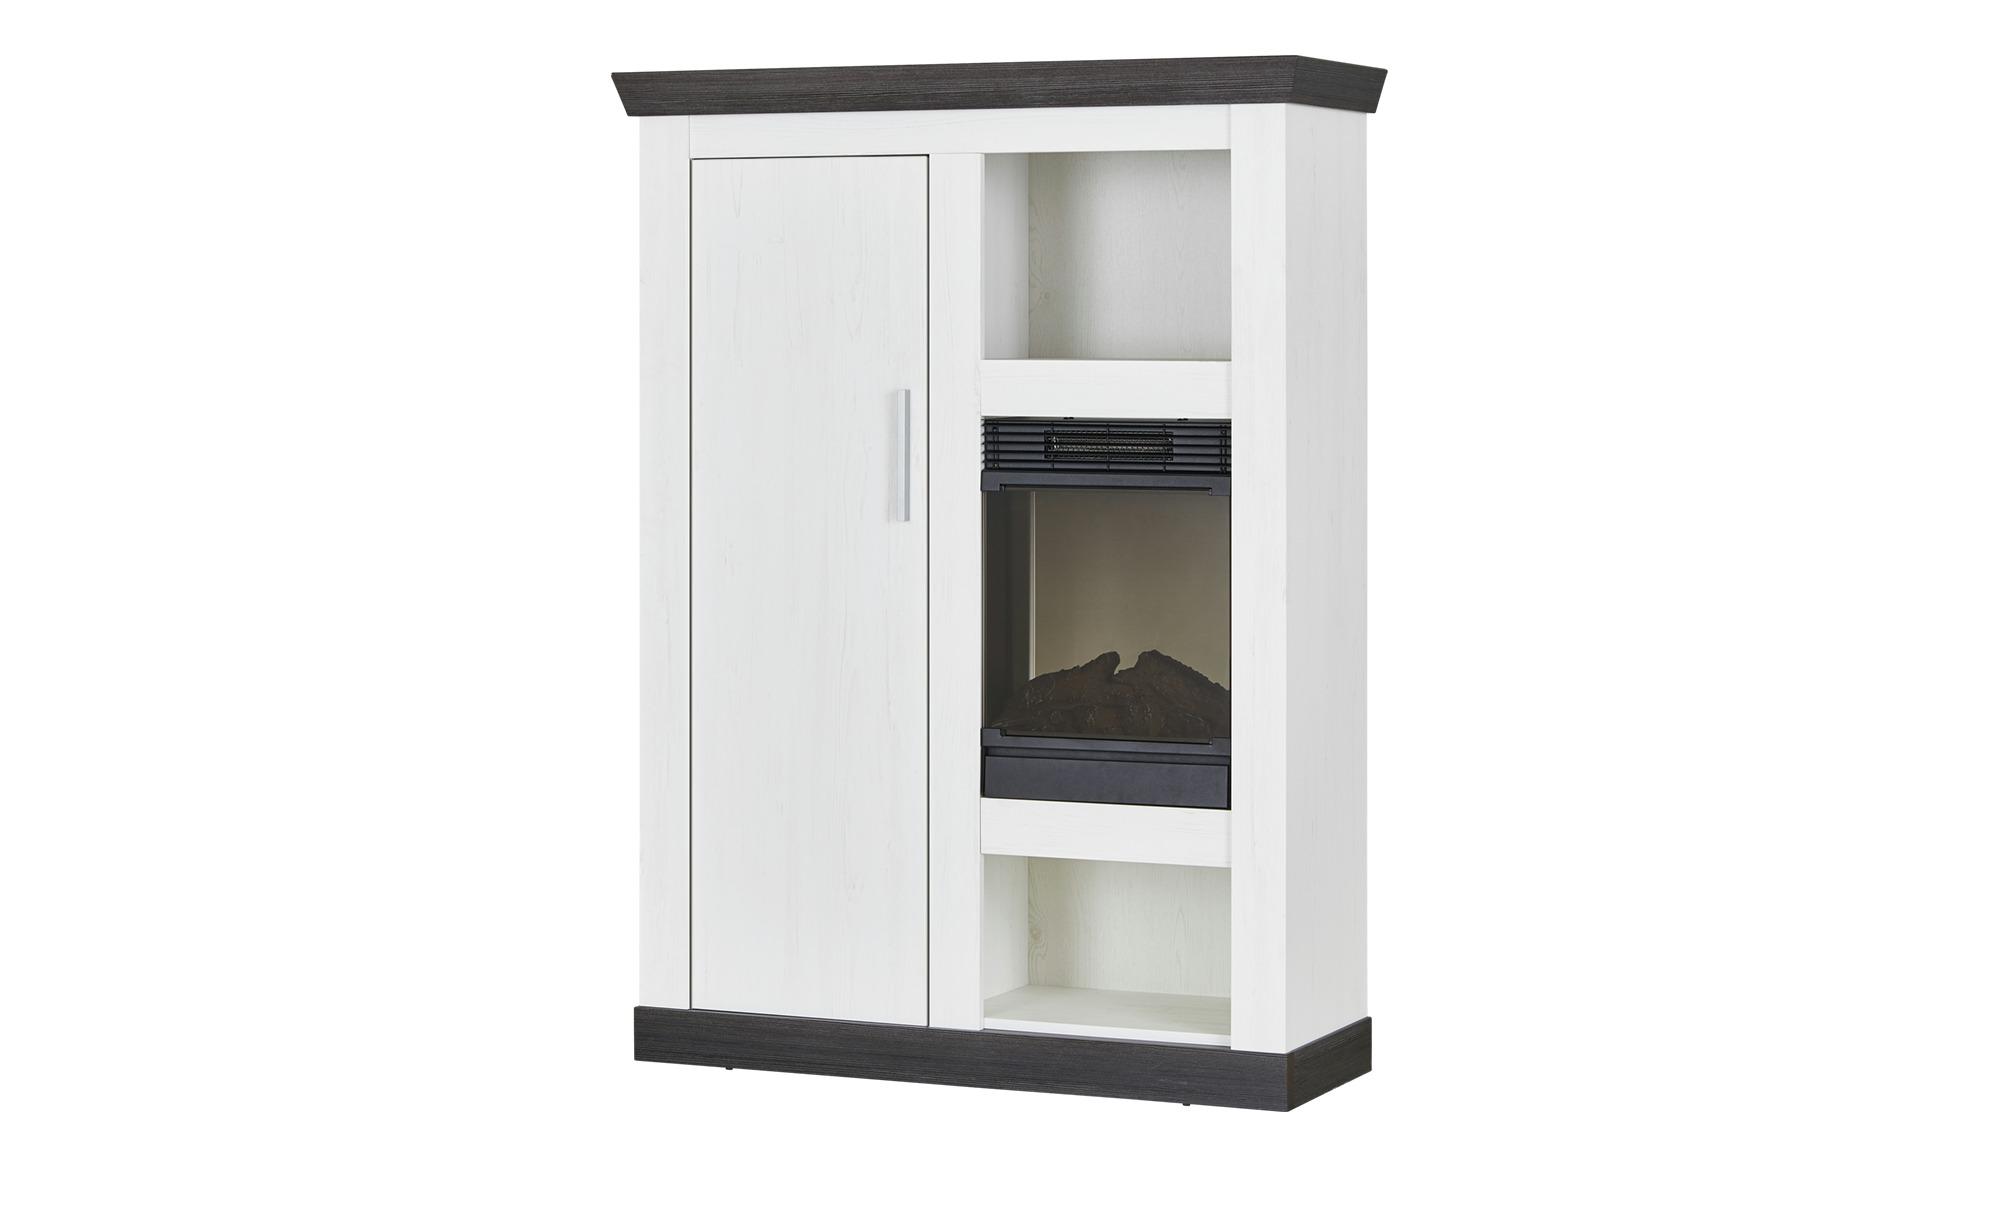 highboard mit kamineinsatz sierra breite 107 cm h he 146 cm wei online kaufen bei woonio. Black Bedroom Furniture Sets. Home Design Ideas